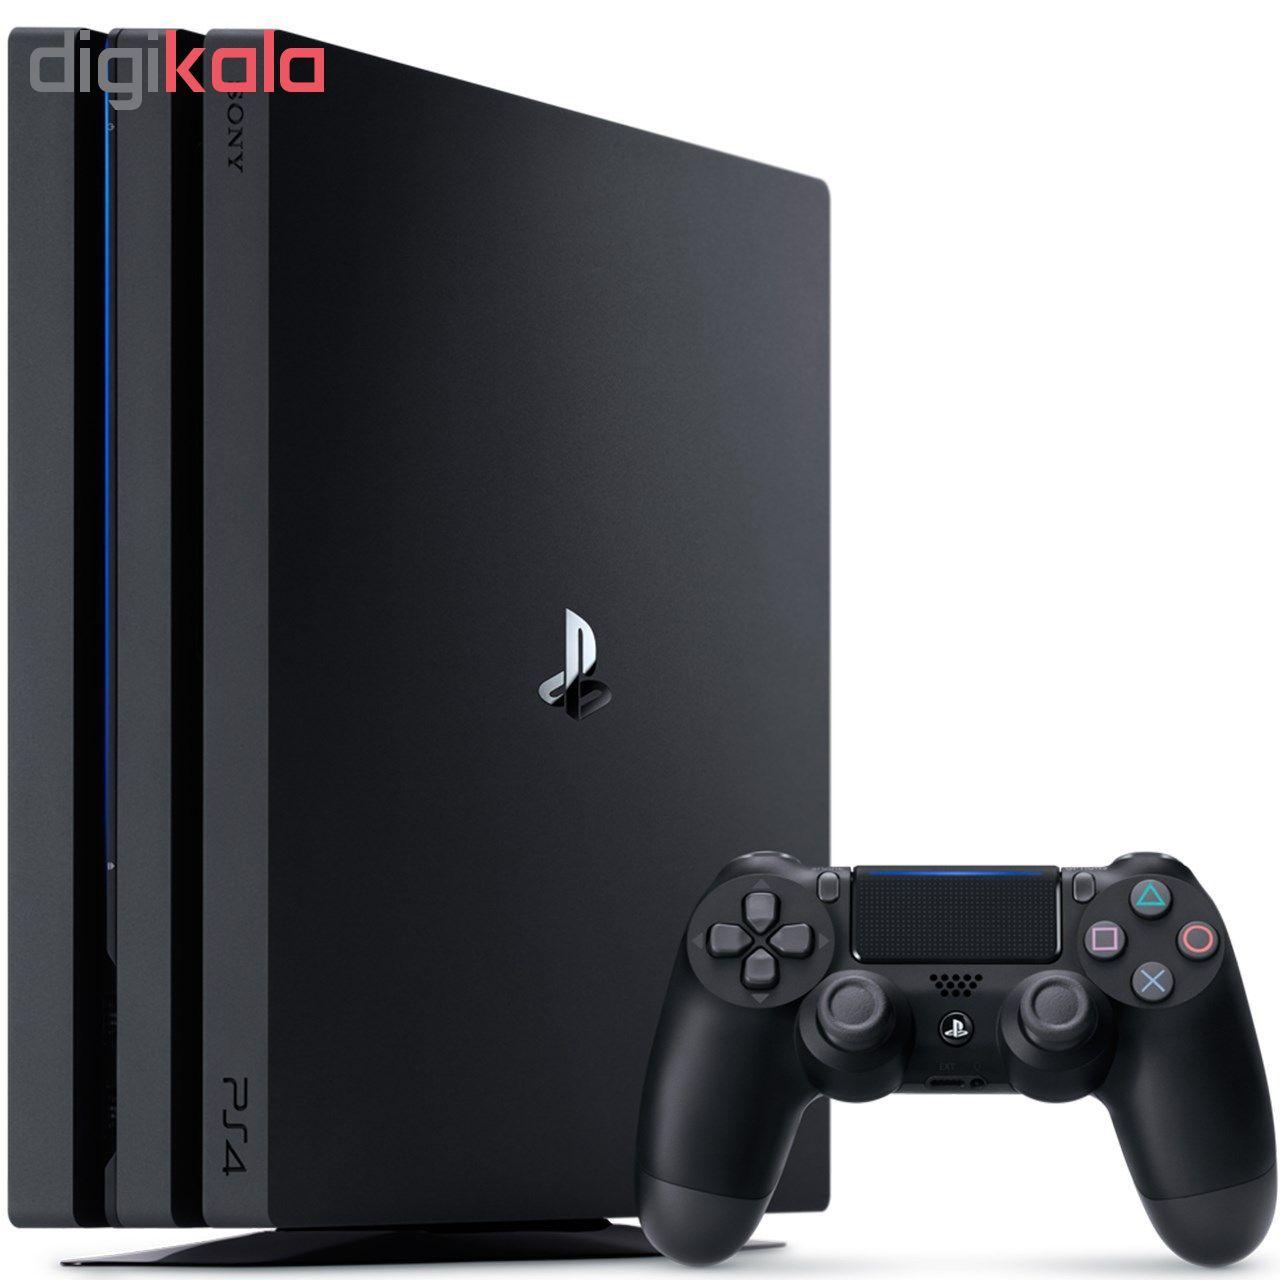 کنسول بازی سونی مدل Playstation 4 Pro ریجن 3 کد CUH-7218B ظرفیت 1 ترابایت main 1 1